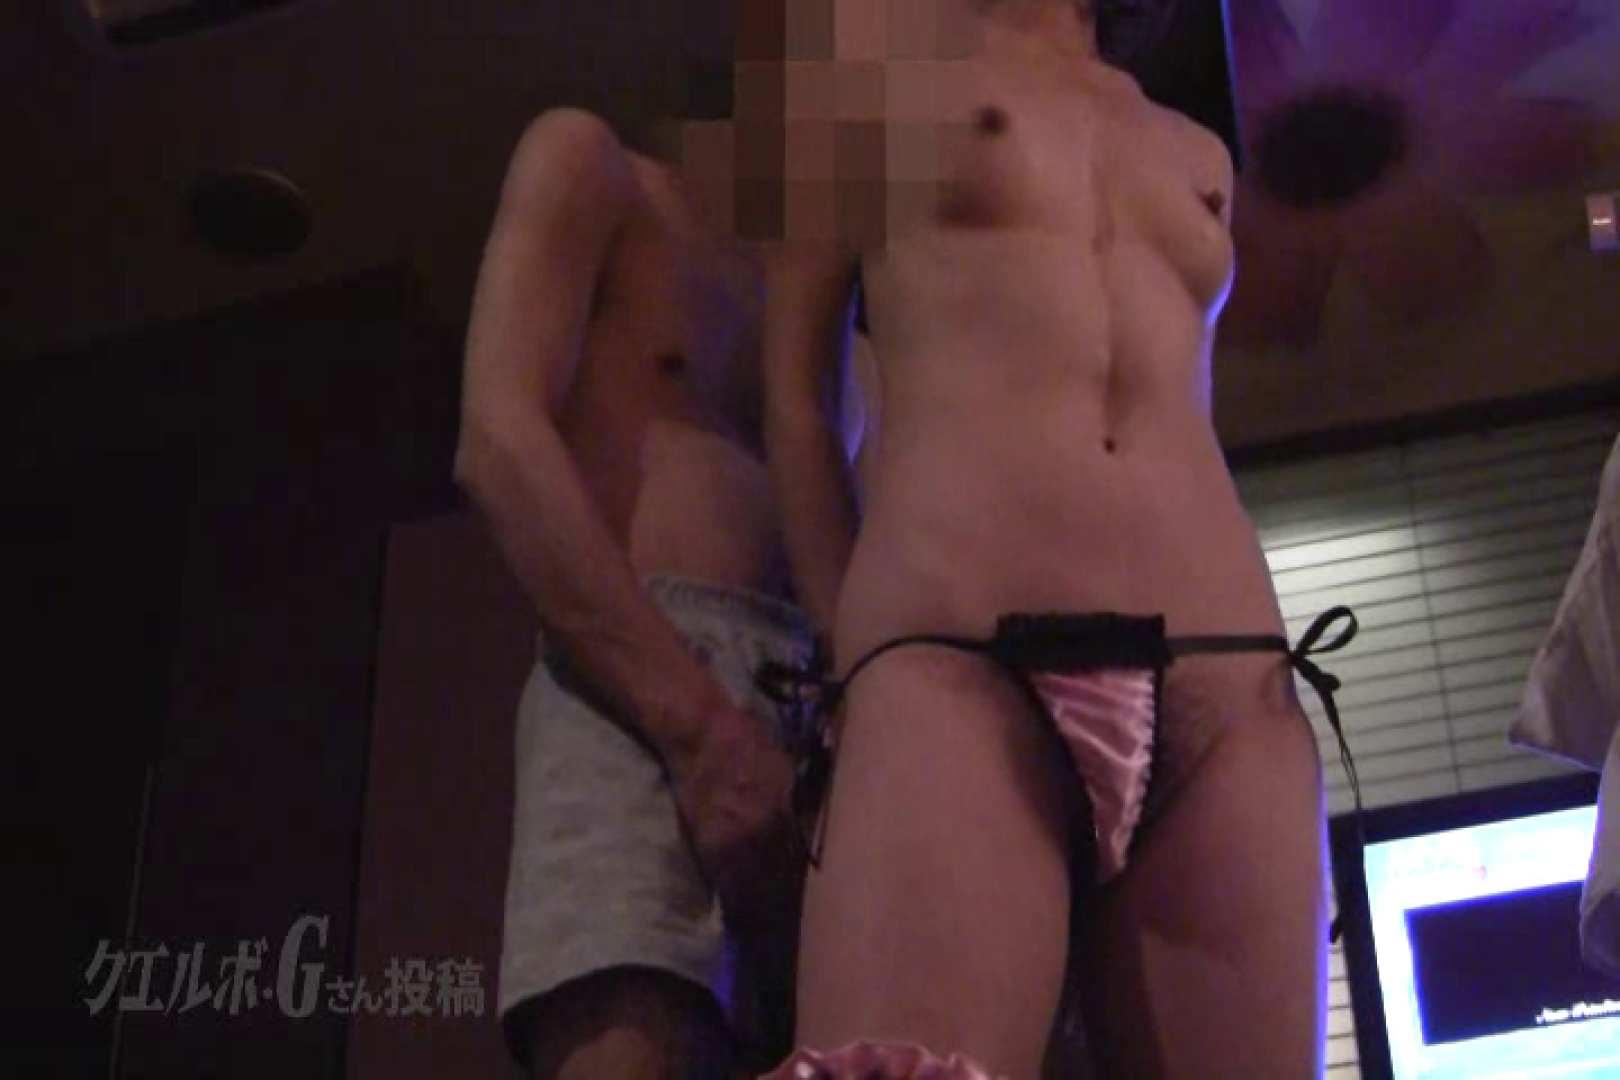 クエルボ・Gさん投稿 30歳人妻さんとの×××vol.3 人妻のエロ生活 われめAV動画紹介 110連発 77